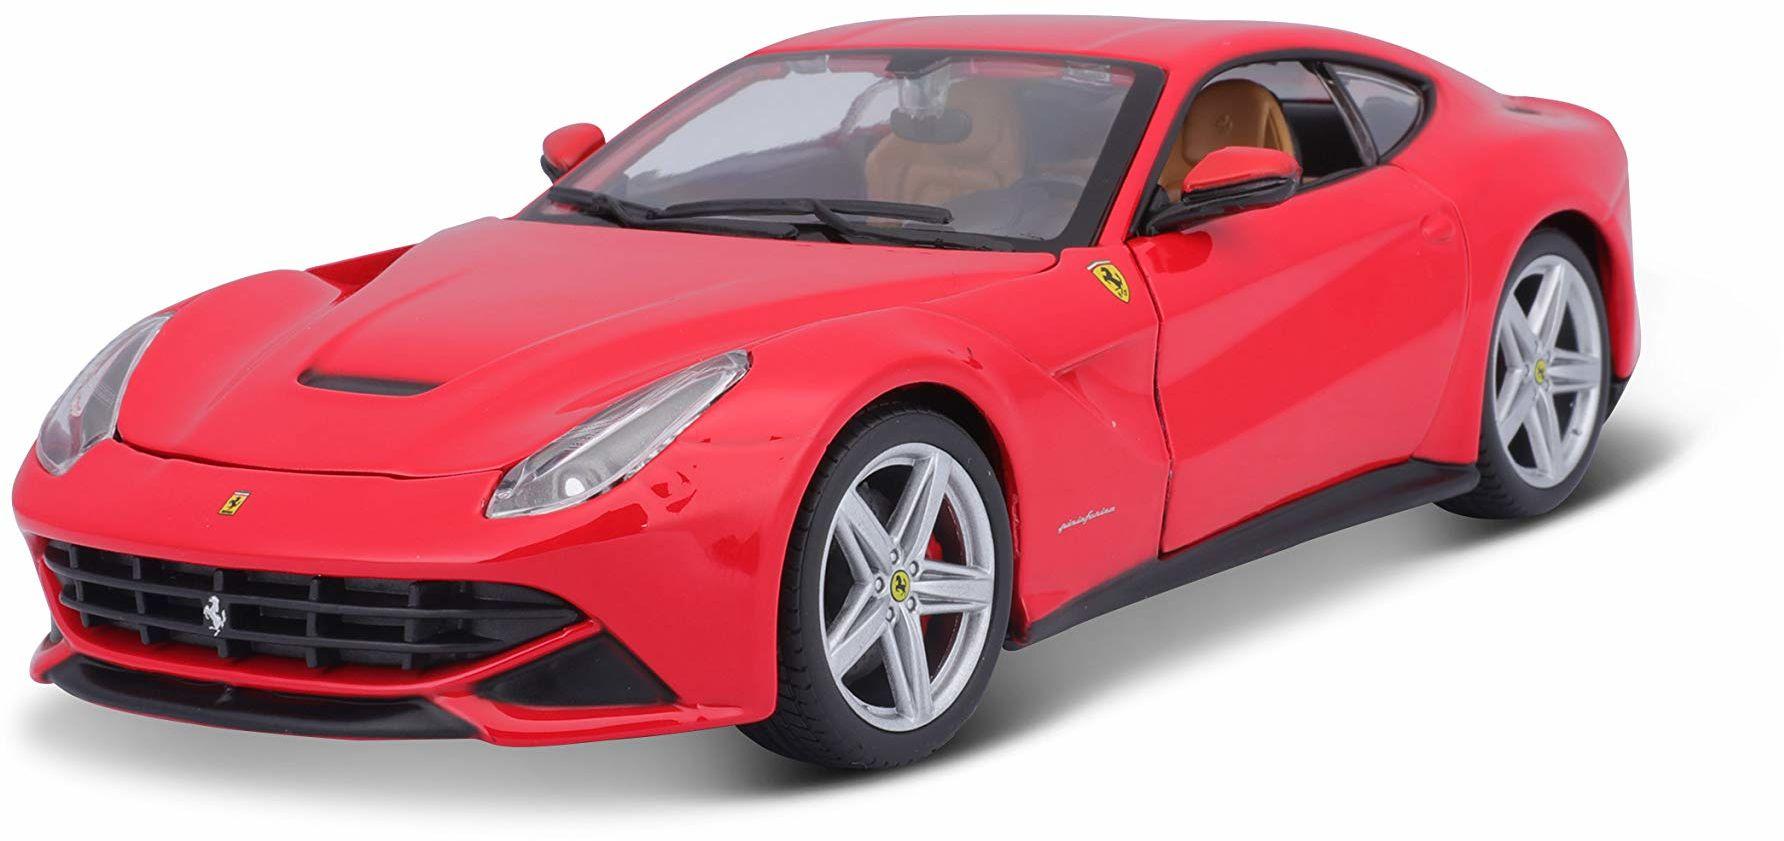 Bburago 26007R - Ferrari F12 Berlinetta (asortyment czerwonych i żółtych)